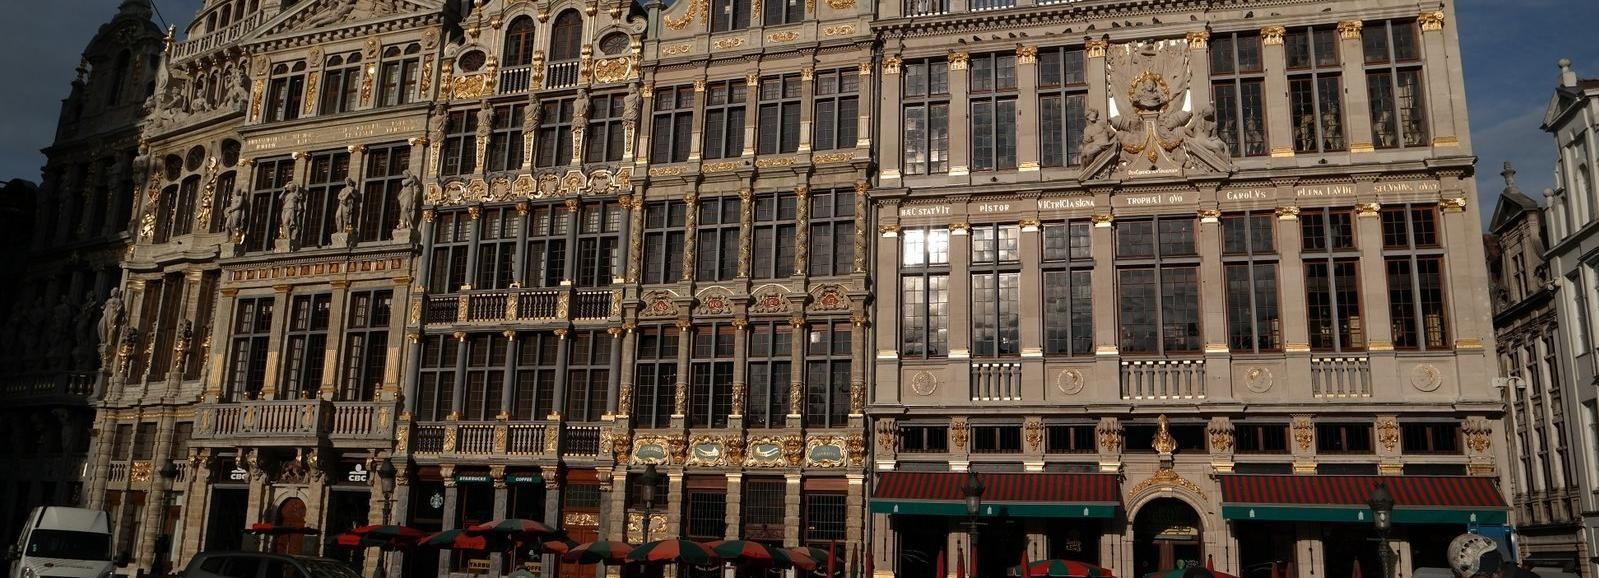 Bruselas: Recorrido a pie desde la estación central hasta Manneken Pis